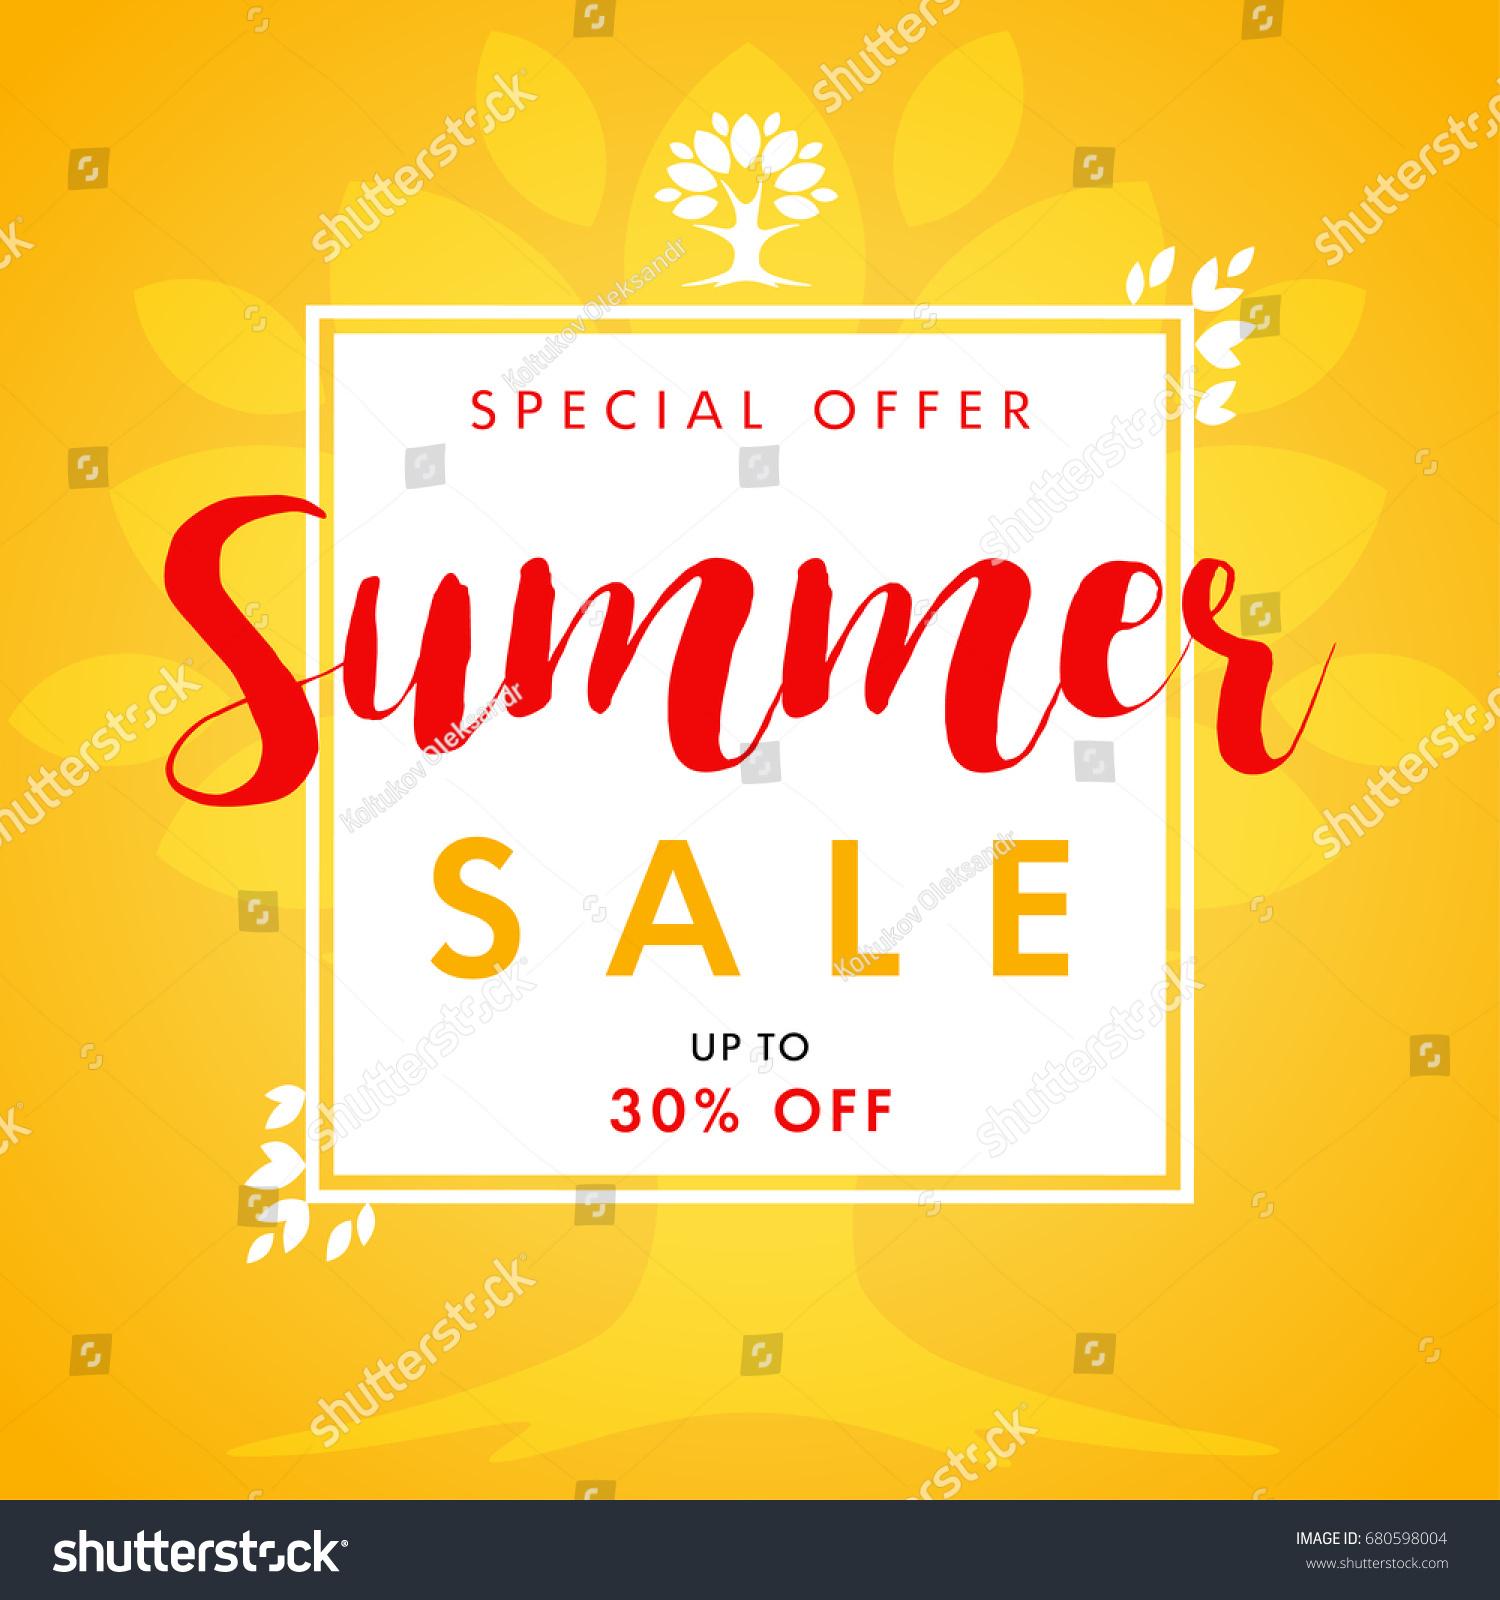 summer sale leaves tree frame banner stock vector 680598004